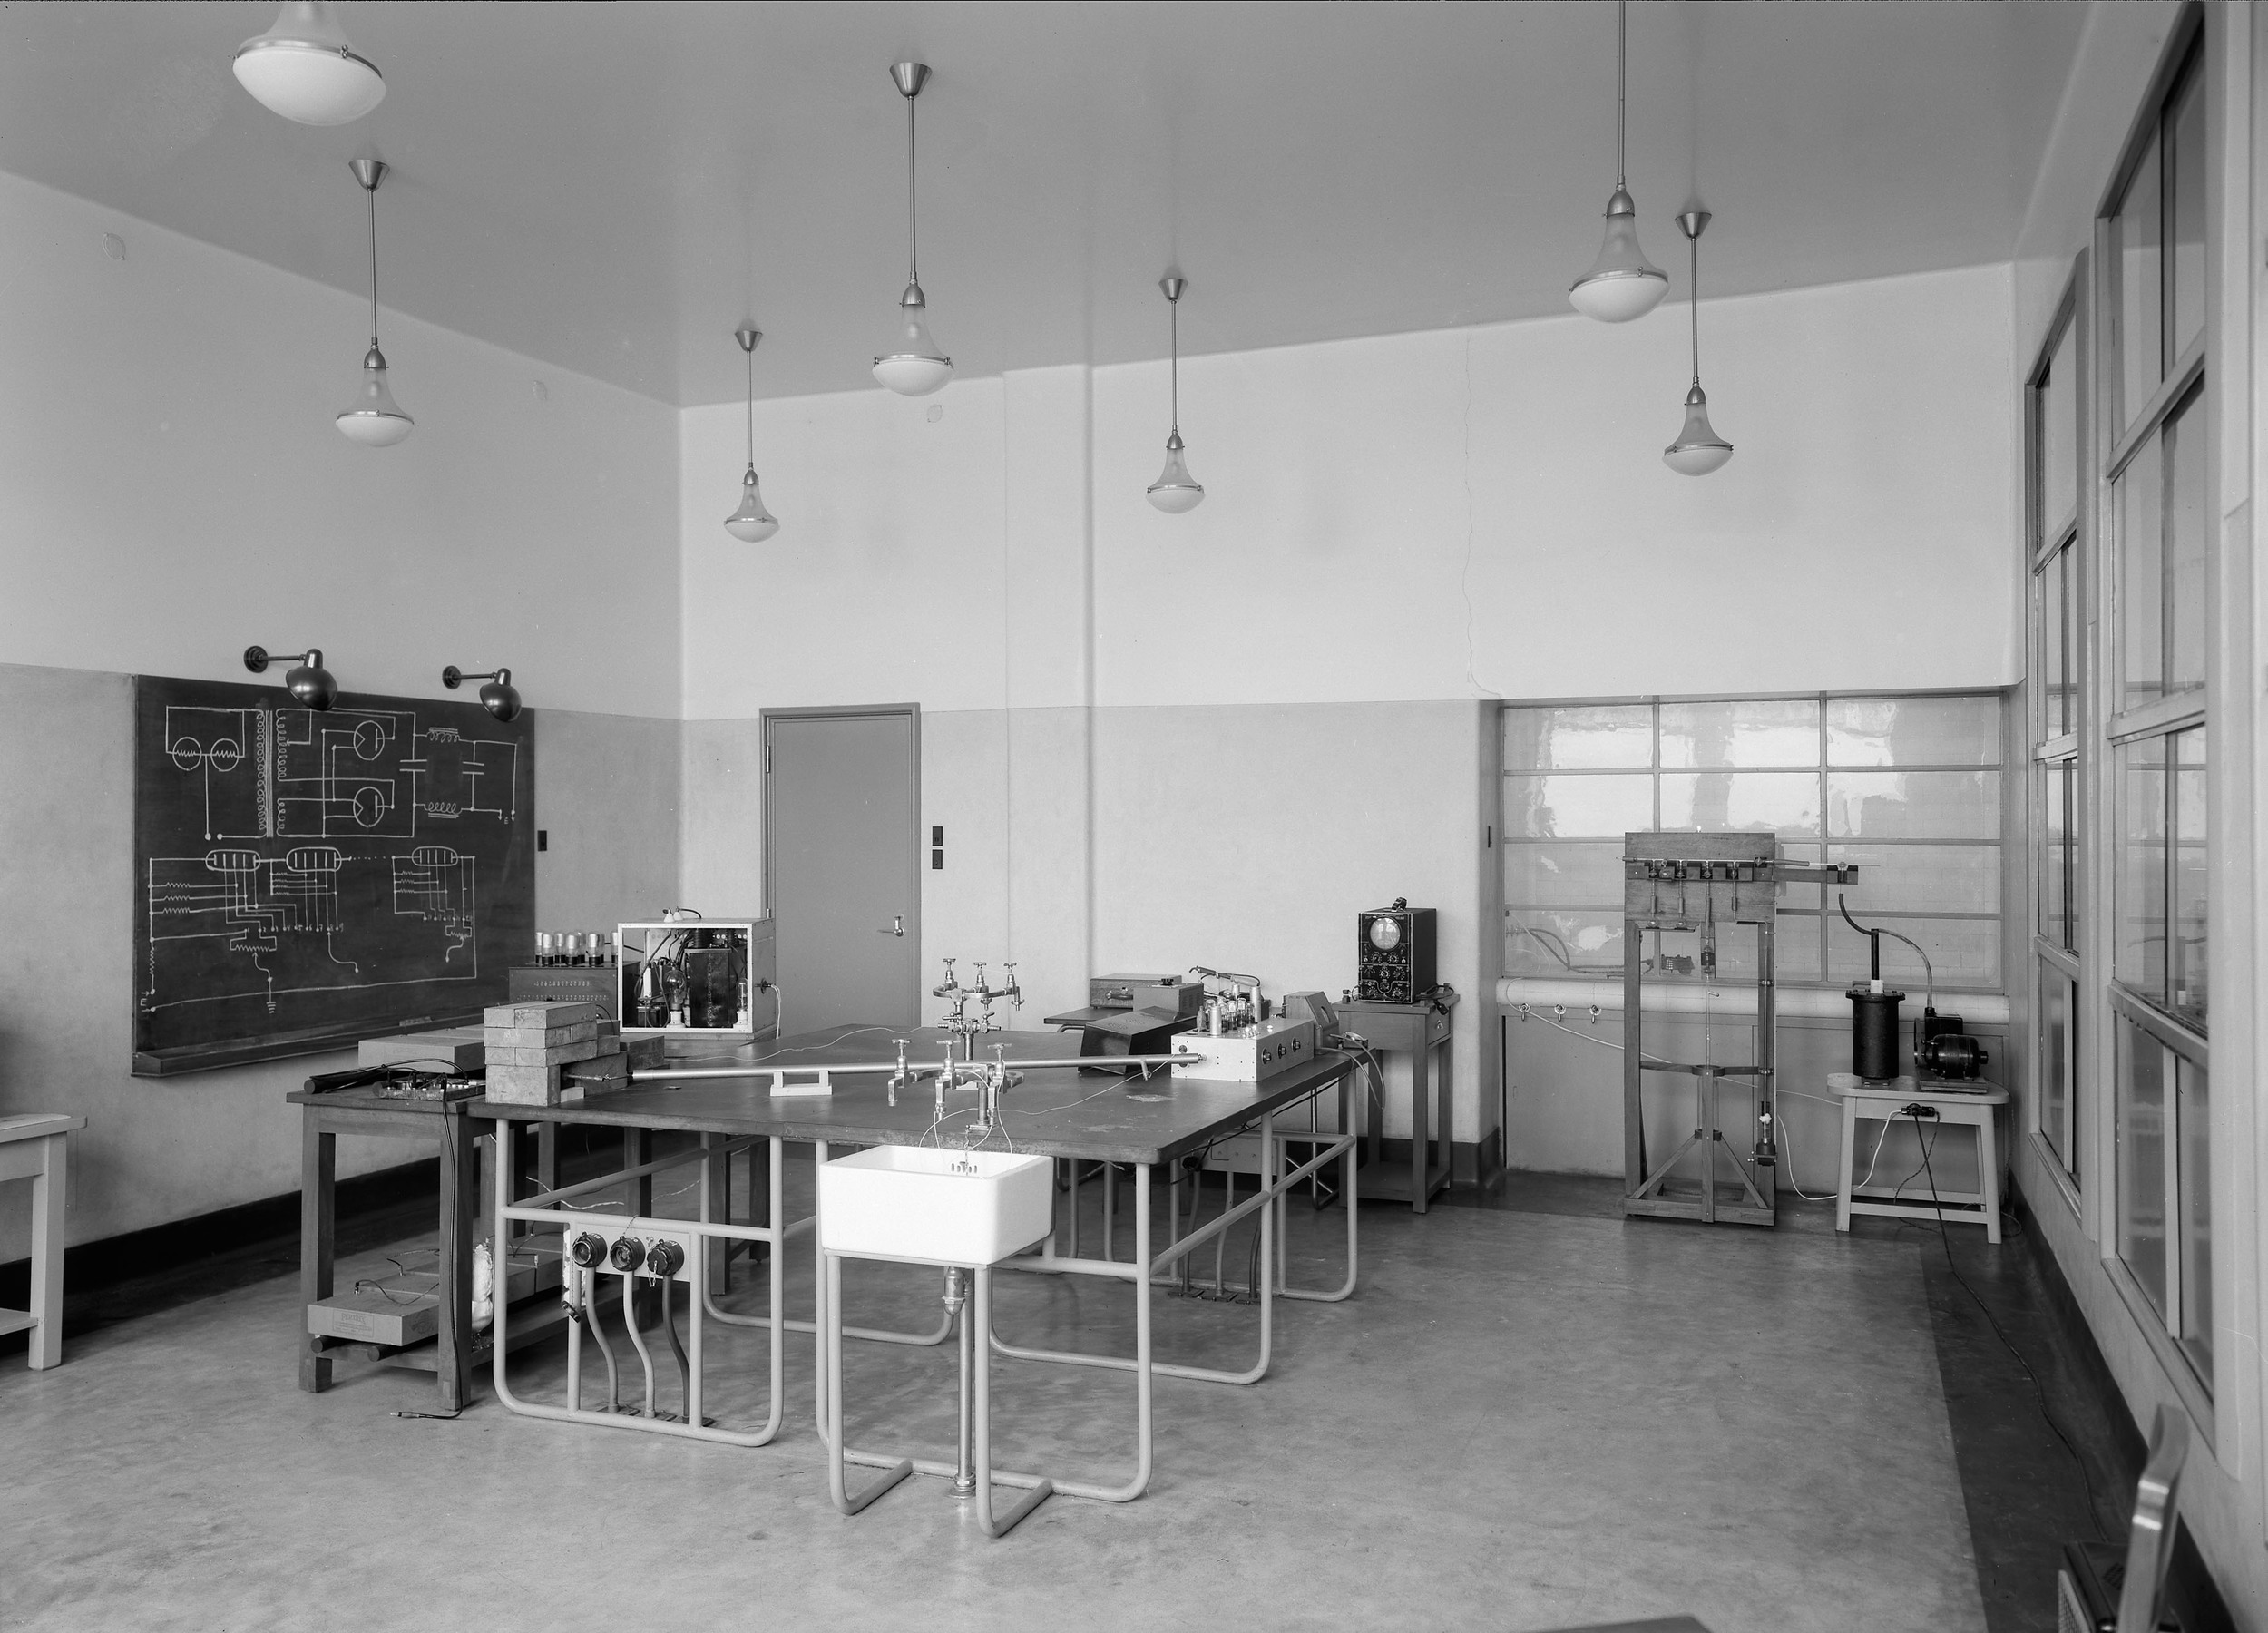 Instituto Superior Técnico, Lisbon  Photo: Mário Novais, ca. 1936-37, Lisbon  Biblioteca de Arte da Fundação Calouste Gulbenkian [CFT003_057333]